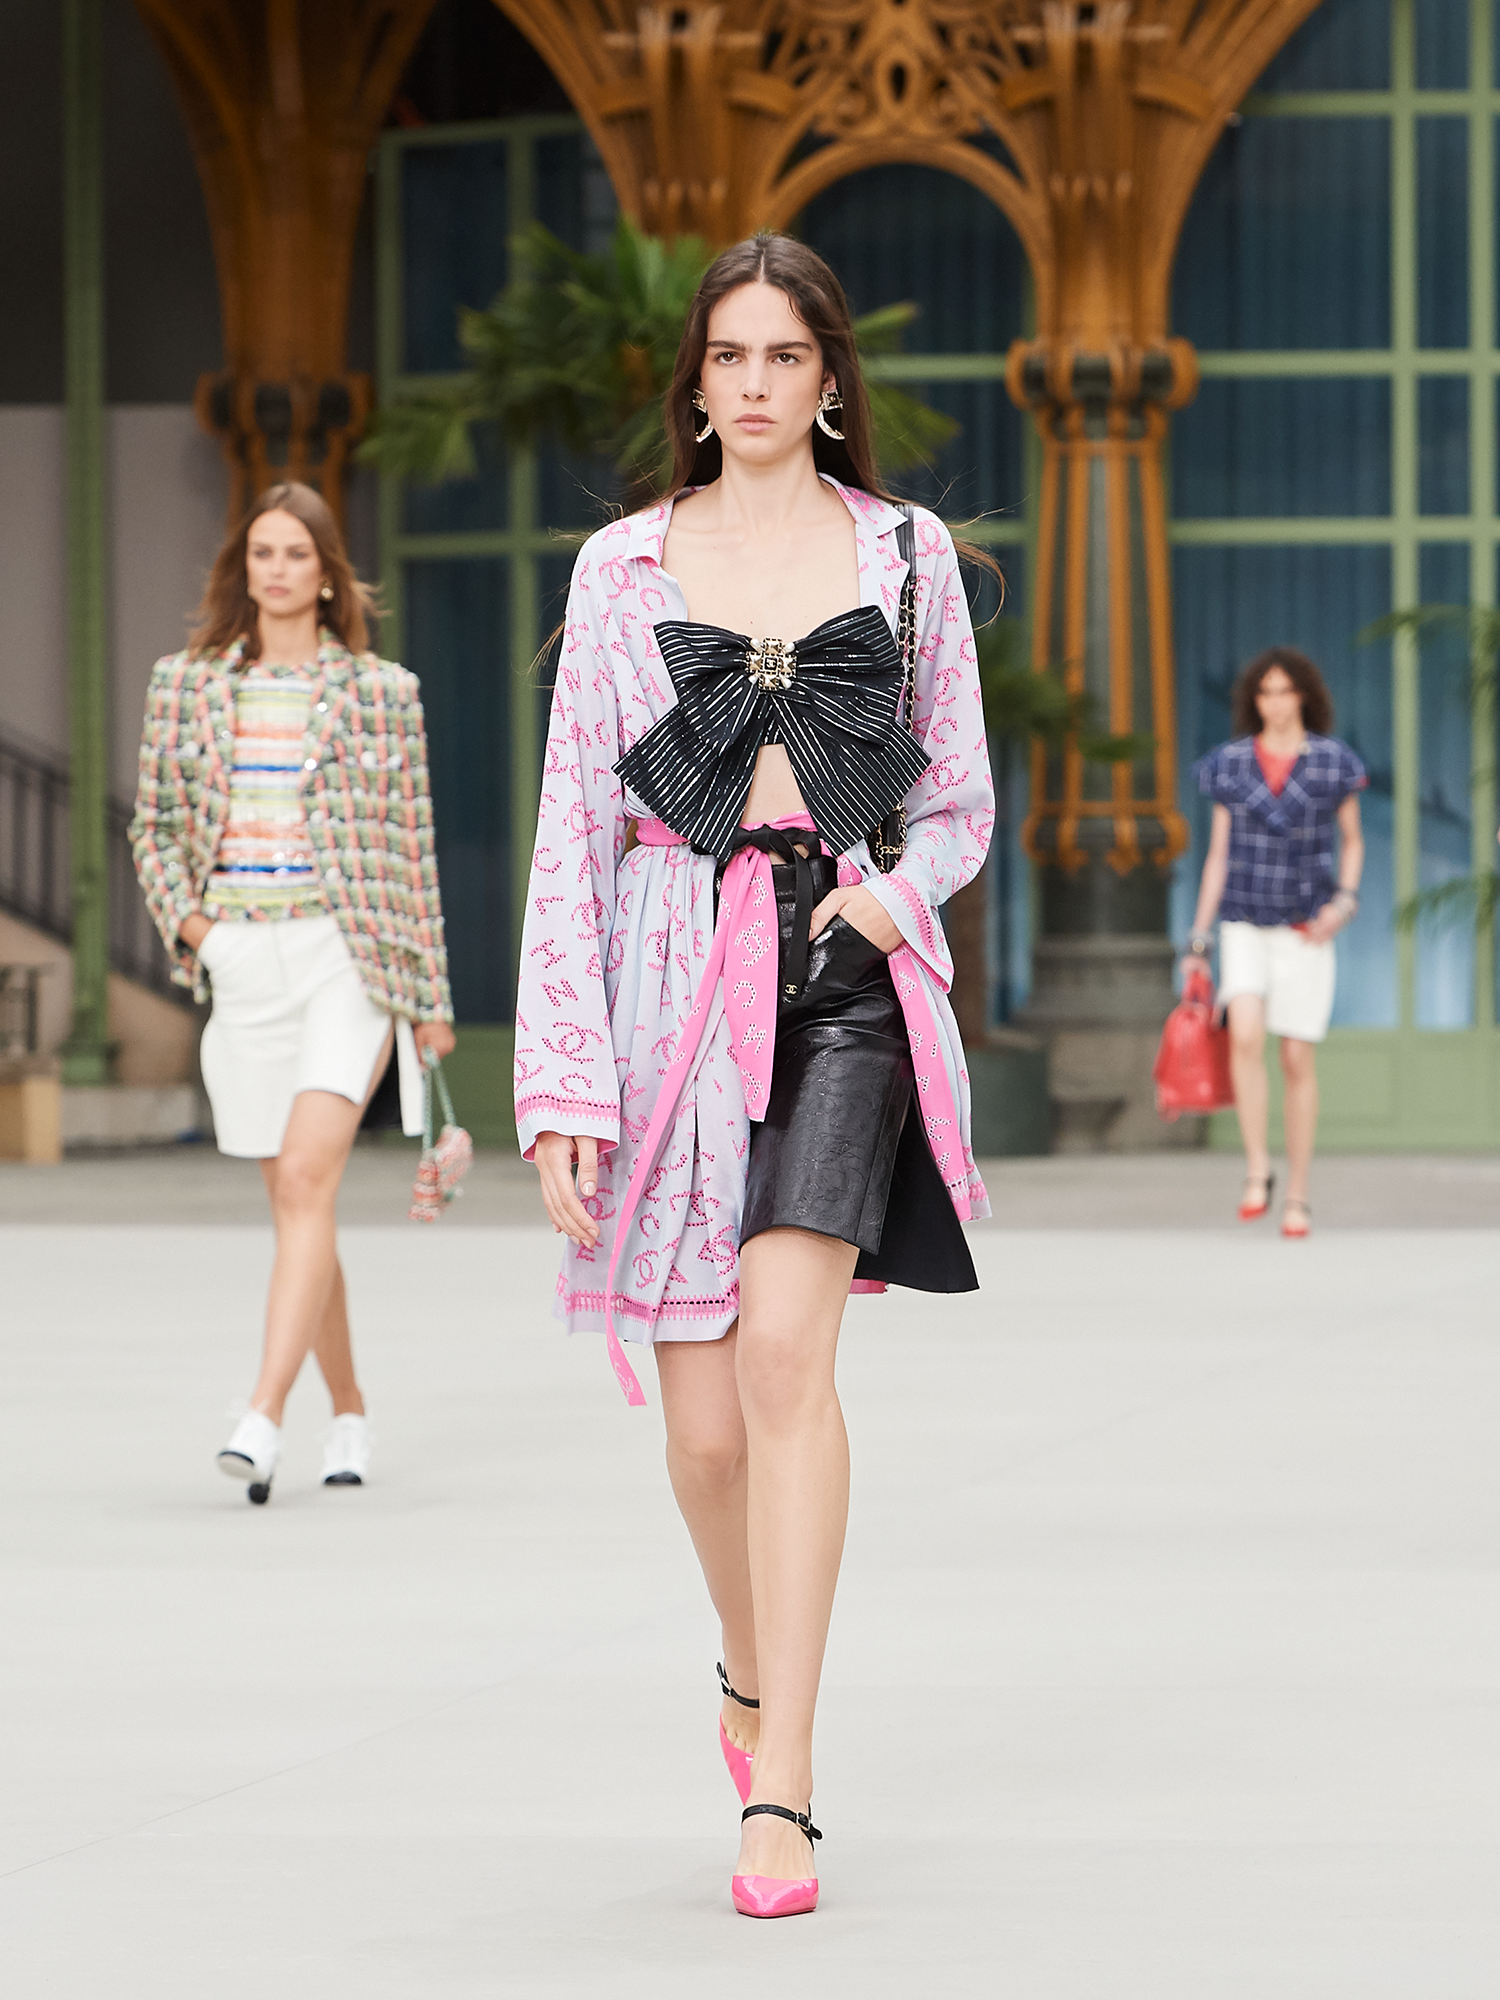 Pin de Ella Renzi em Vestidos | Ideias fashion, Vestidos